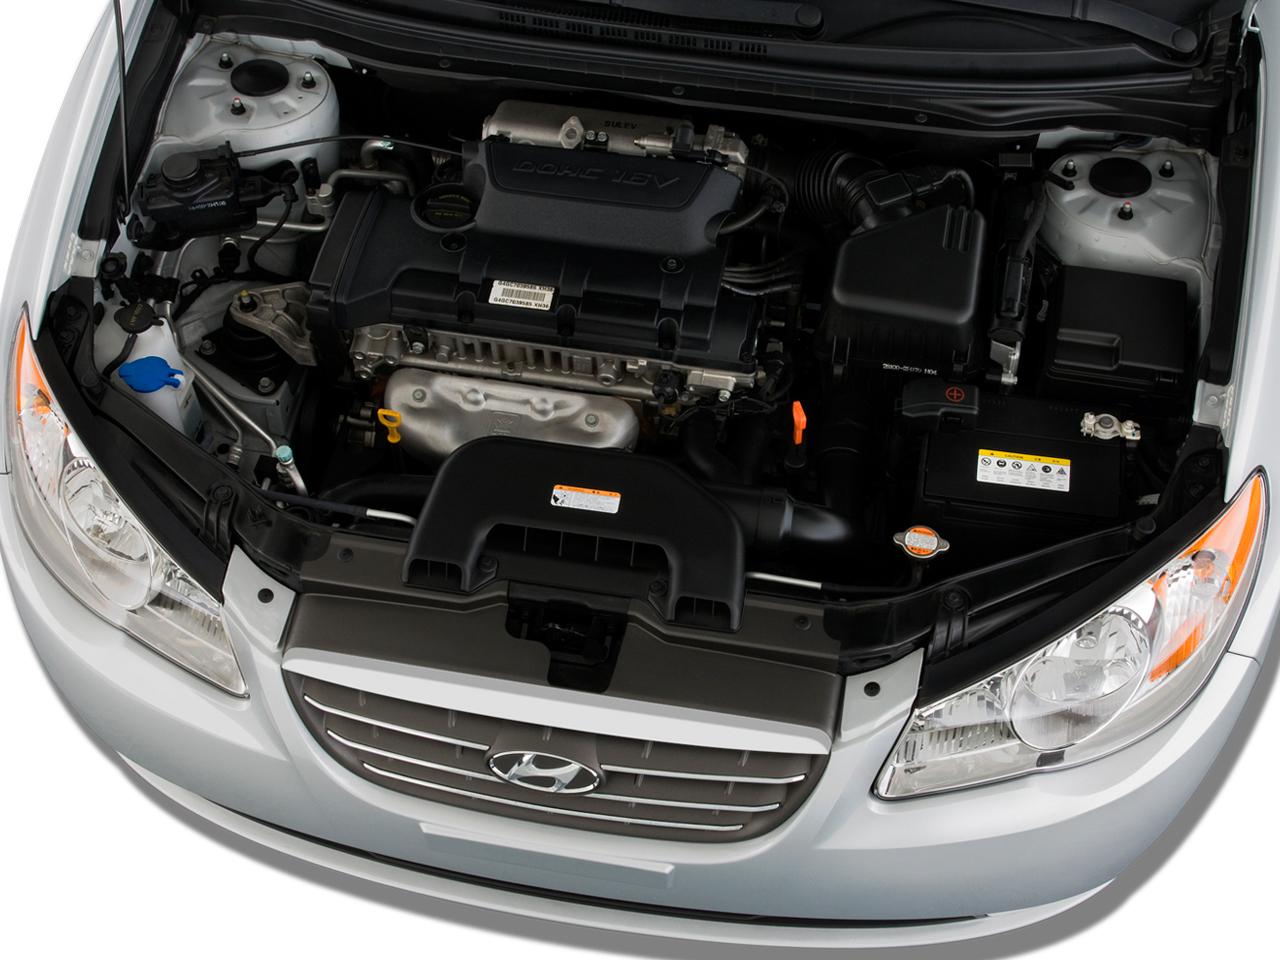 2009 Hyundai Elantra Touring Luxury Wagon Review Rh Automobilemag Com 2006 Engine  Diagram 2012